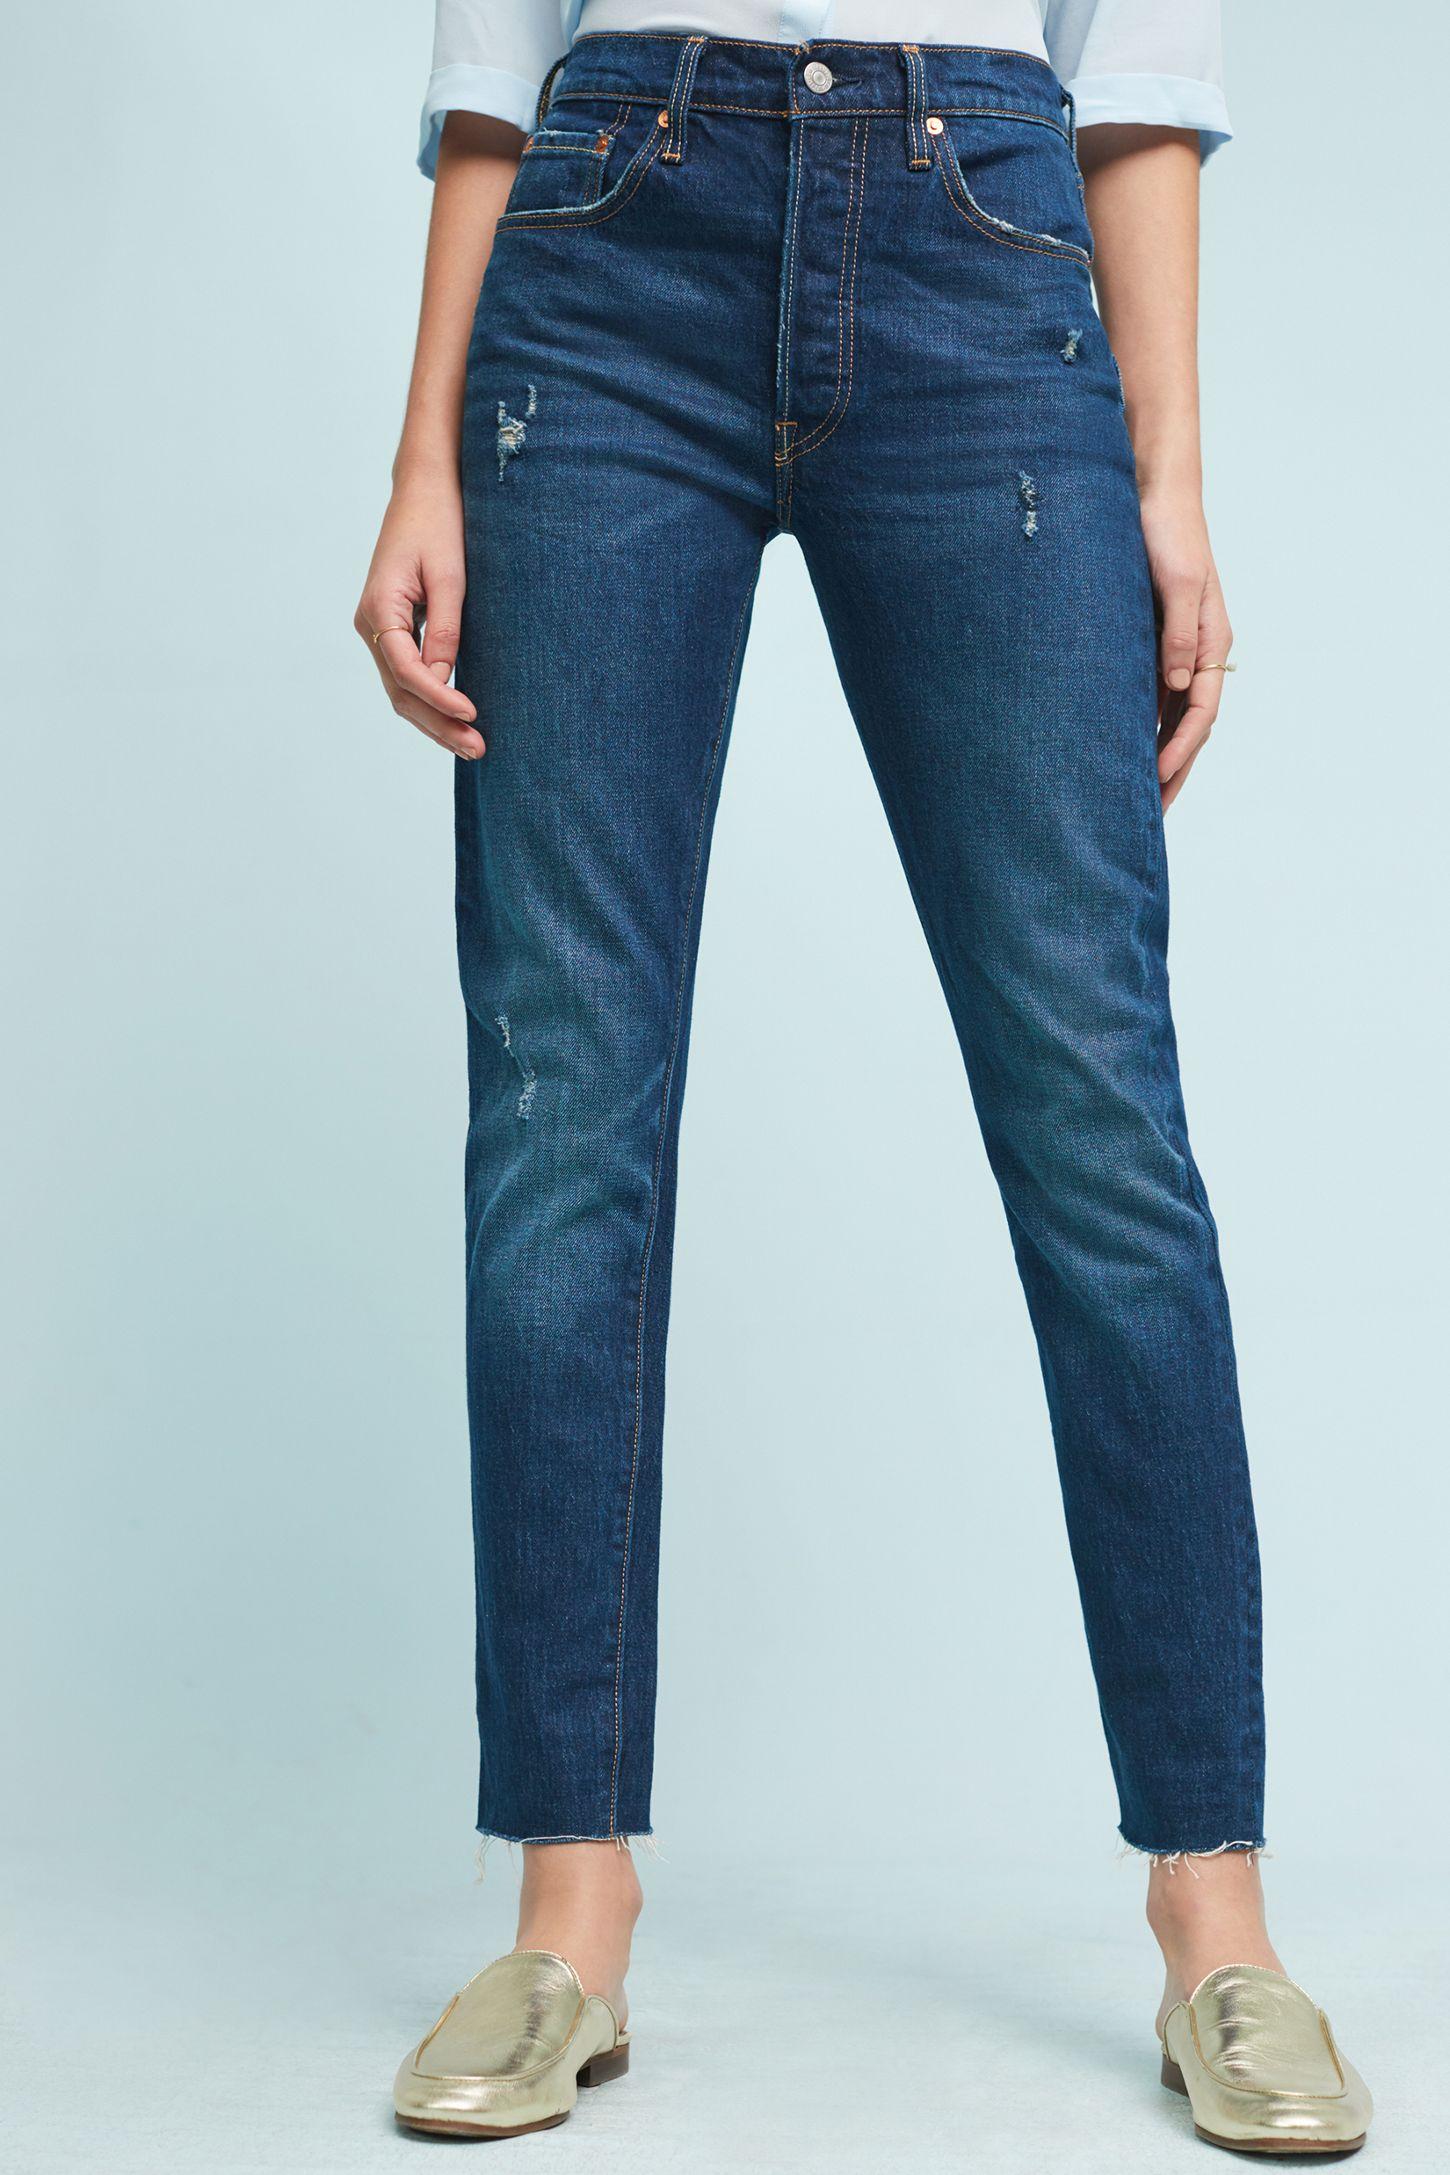 6c2e1ac1a8332 Levi s 501 Ultra High-Rise Skinny Jeans